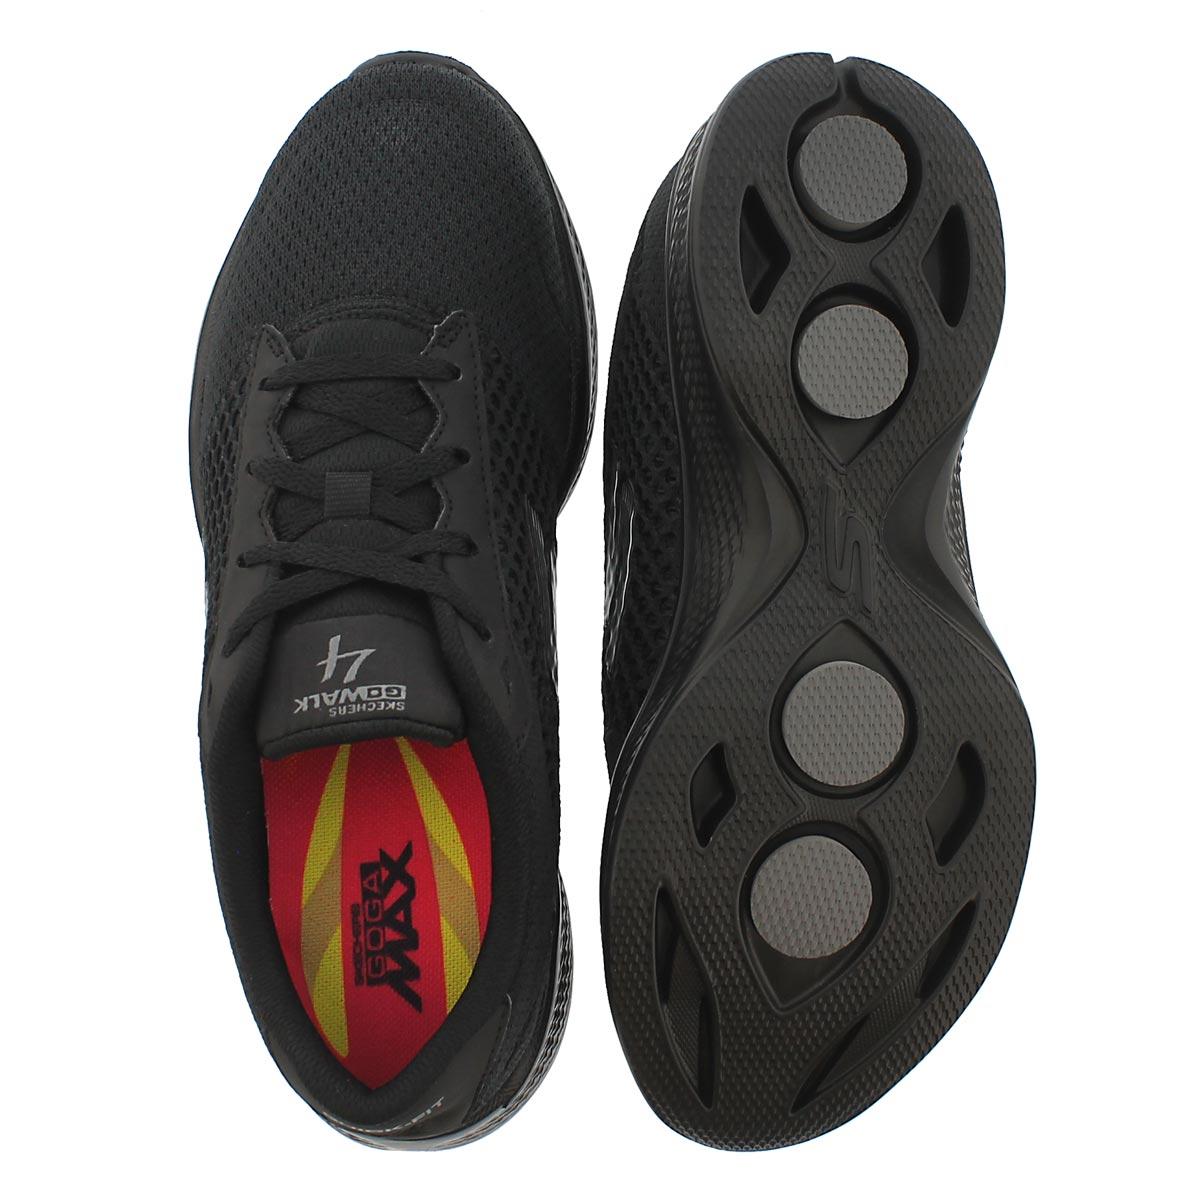 Lds GO Walk 4 blk lace up walking shoe